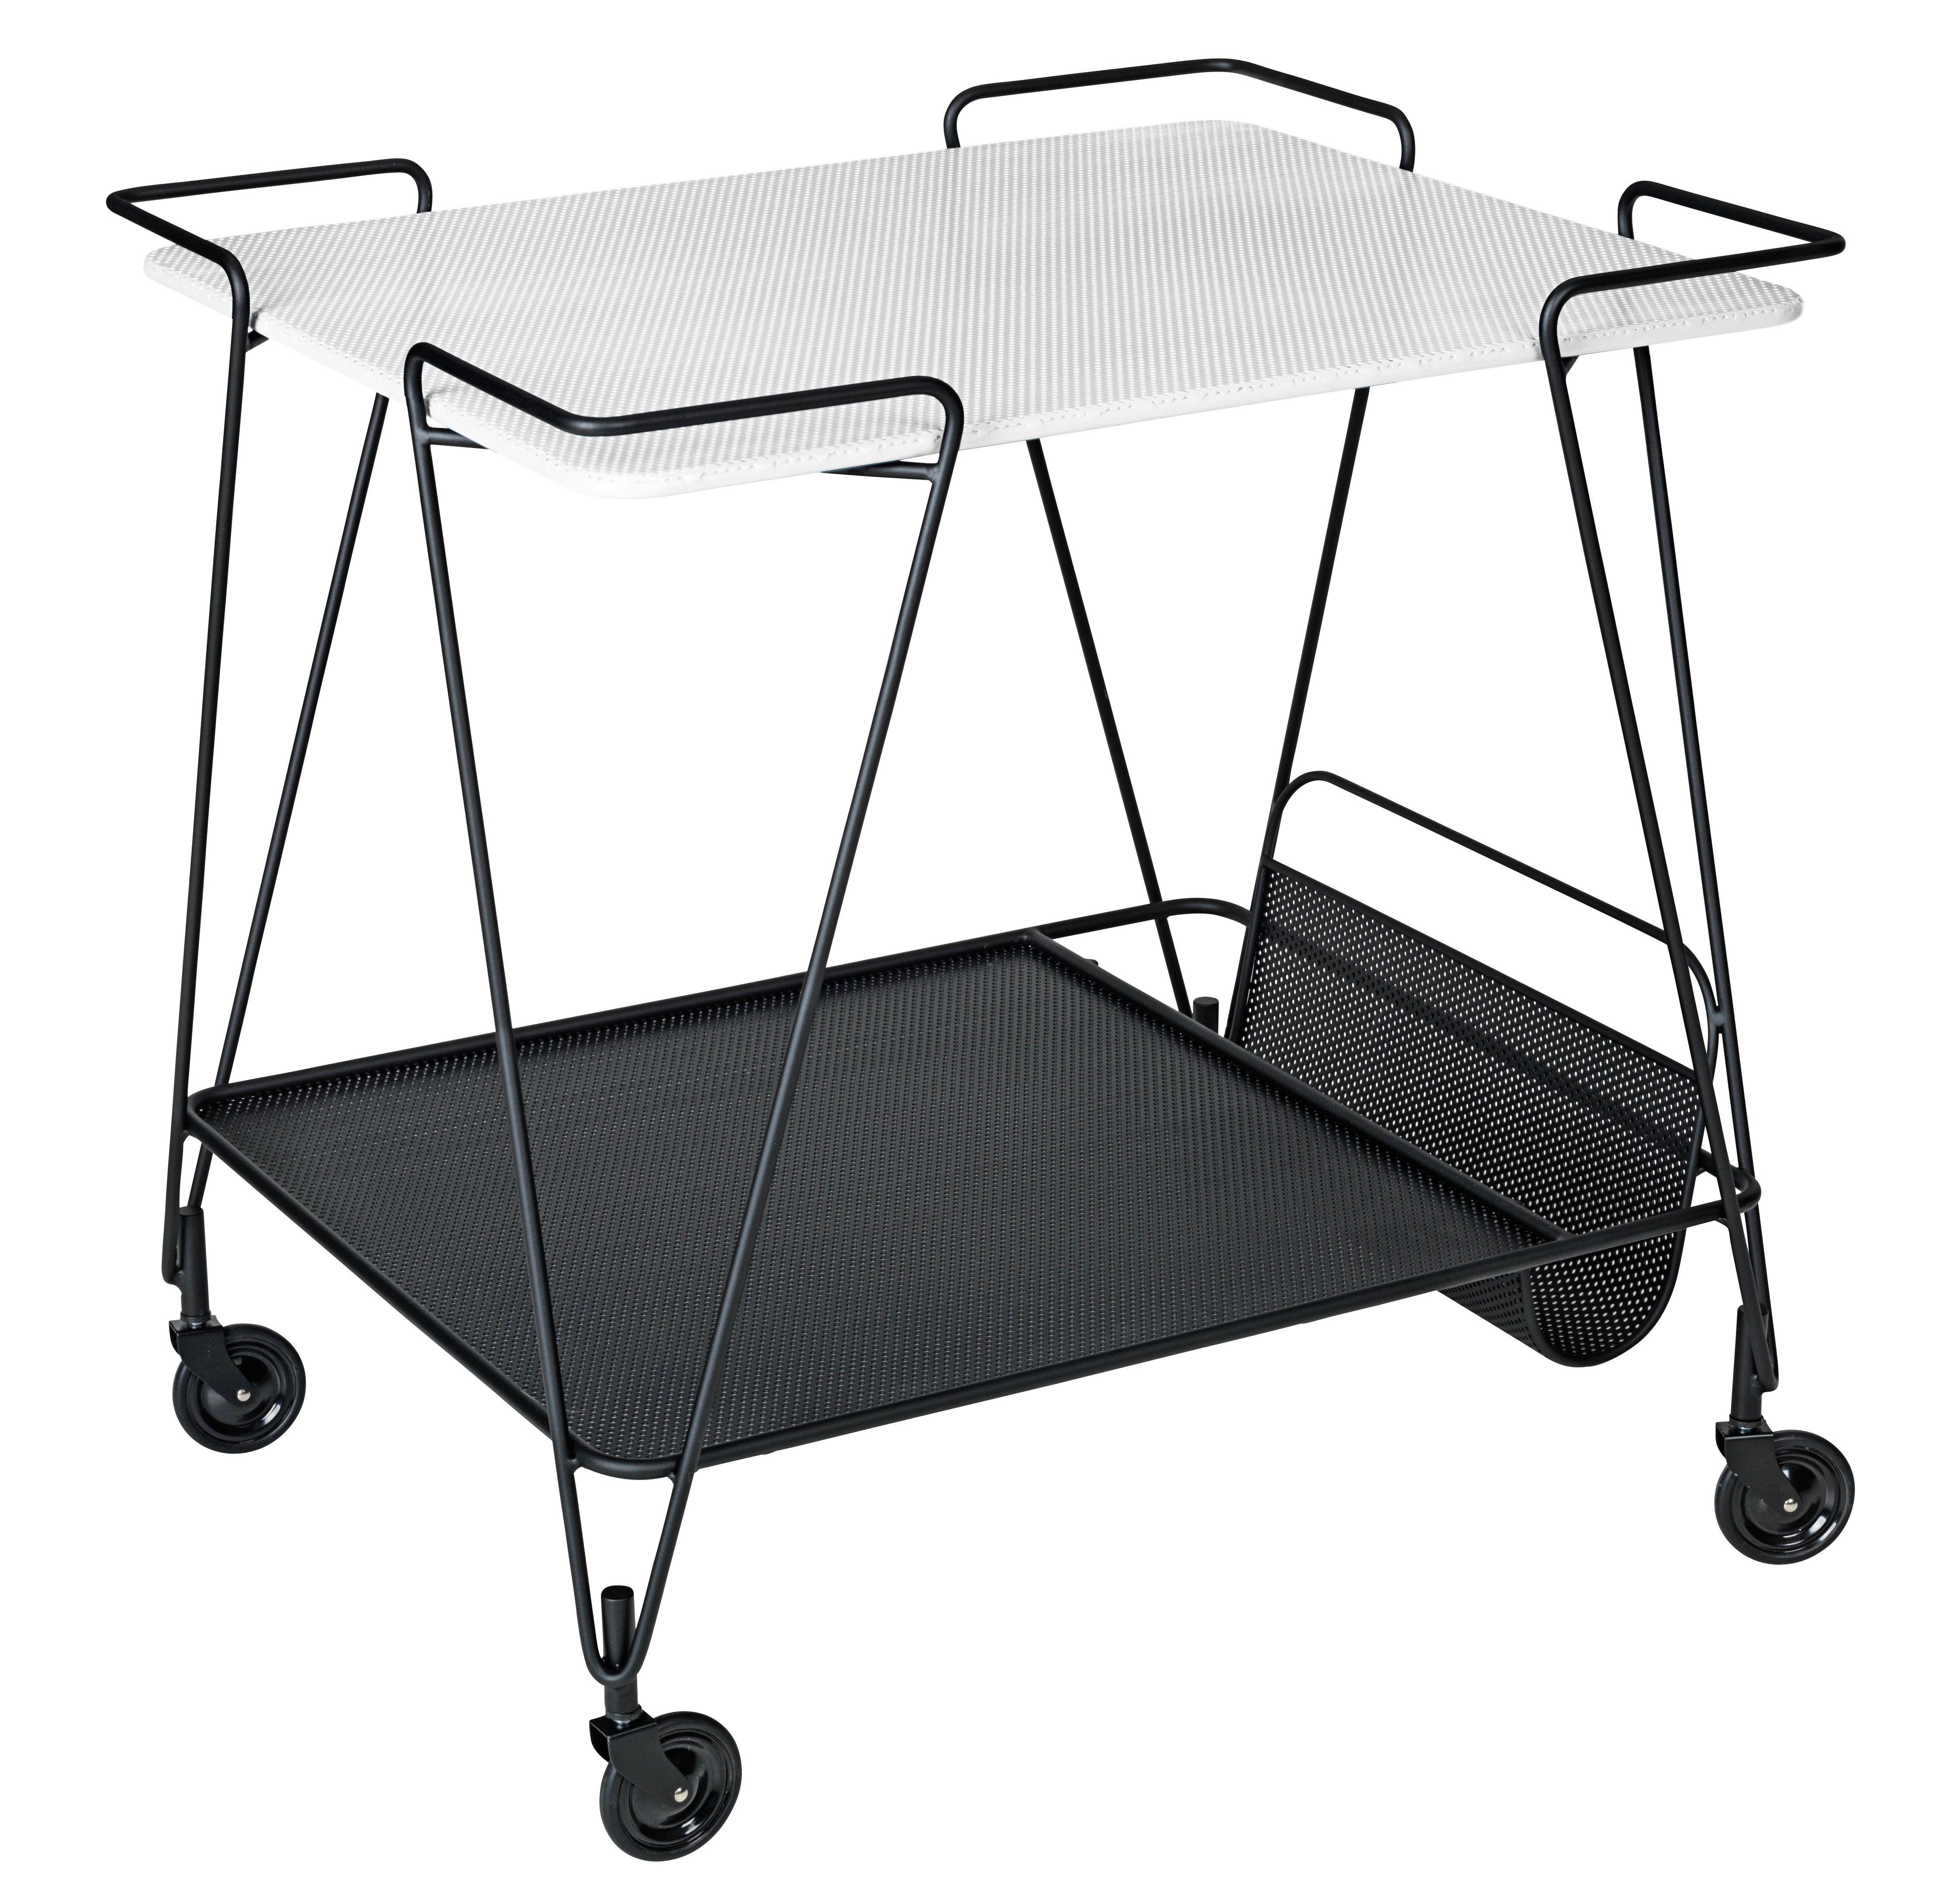 Arredamento - Complementi d'arredo - Carrello/tavolo d'appoggio Trolley - / Matégot - Riedizione 1954 di Gubi - Nero / Piano bianco - metallo verniciato